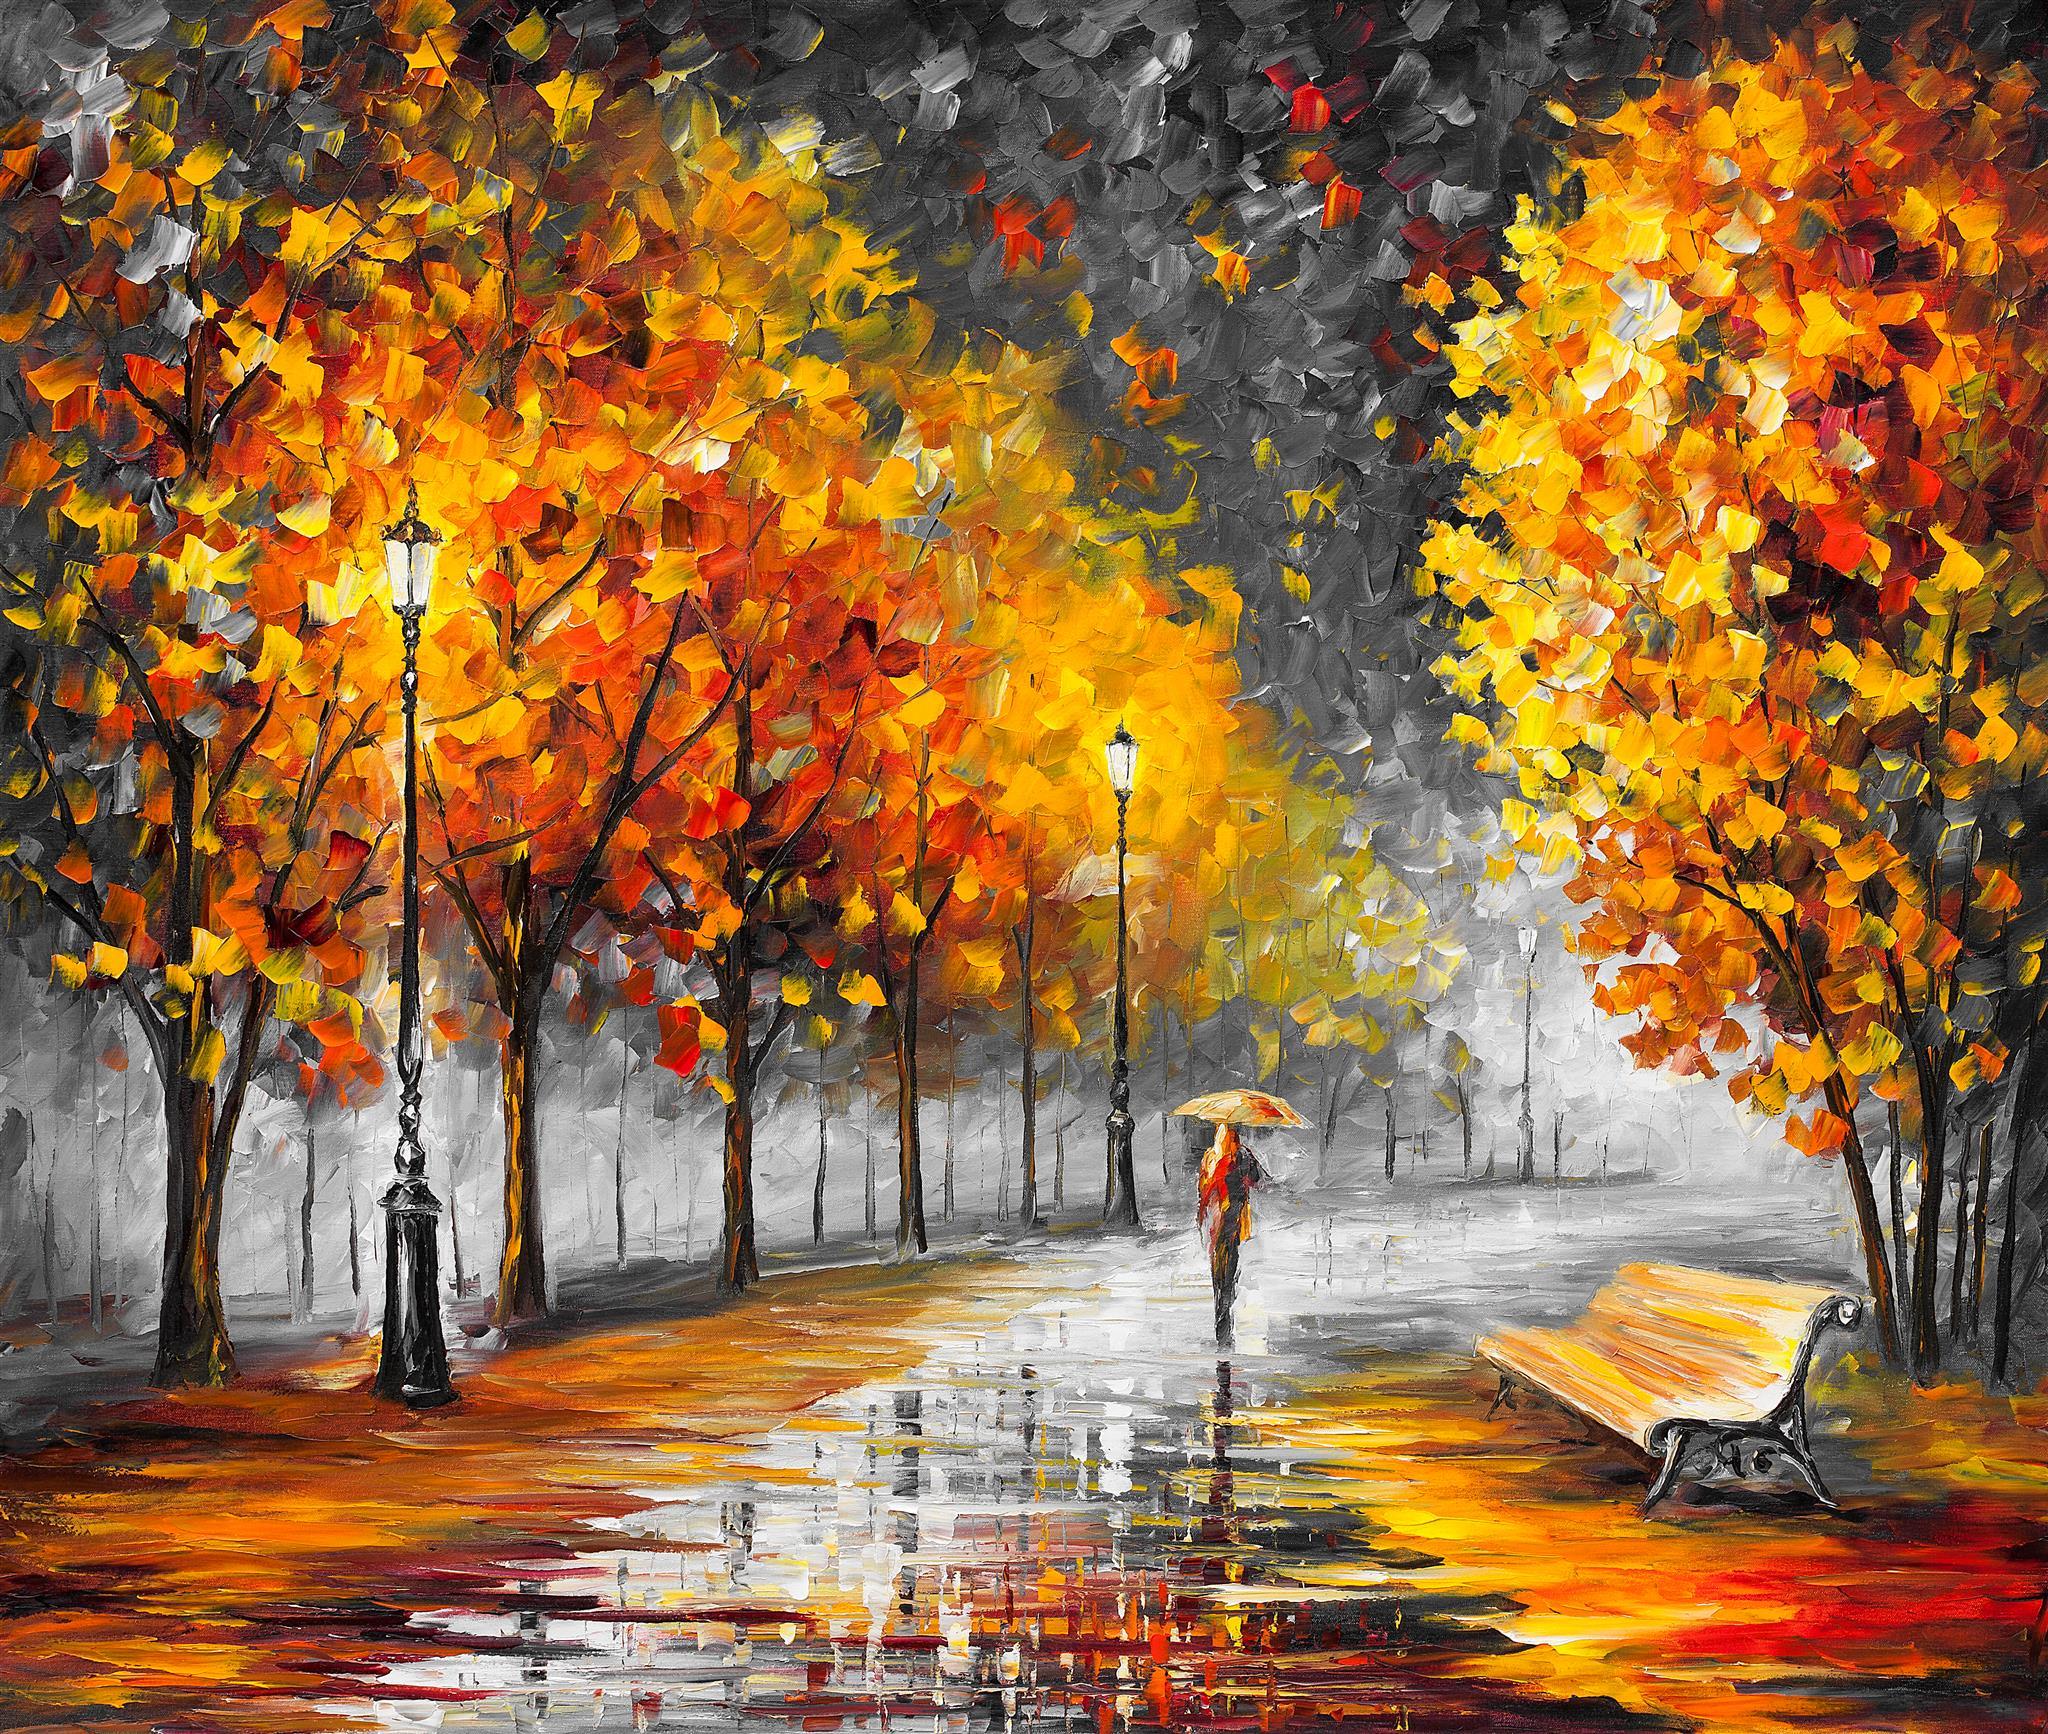 осенний пейзаж художник афремов картины фото для